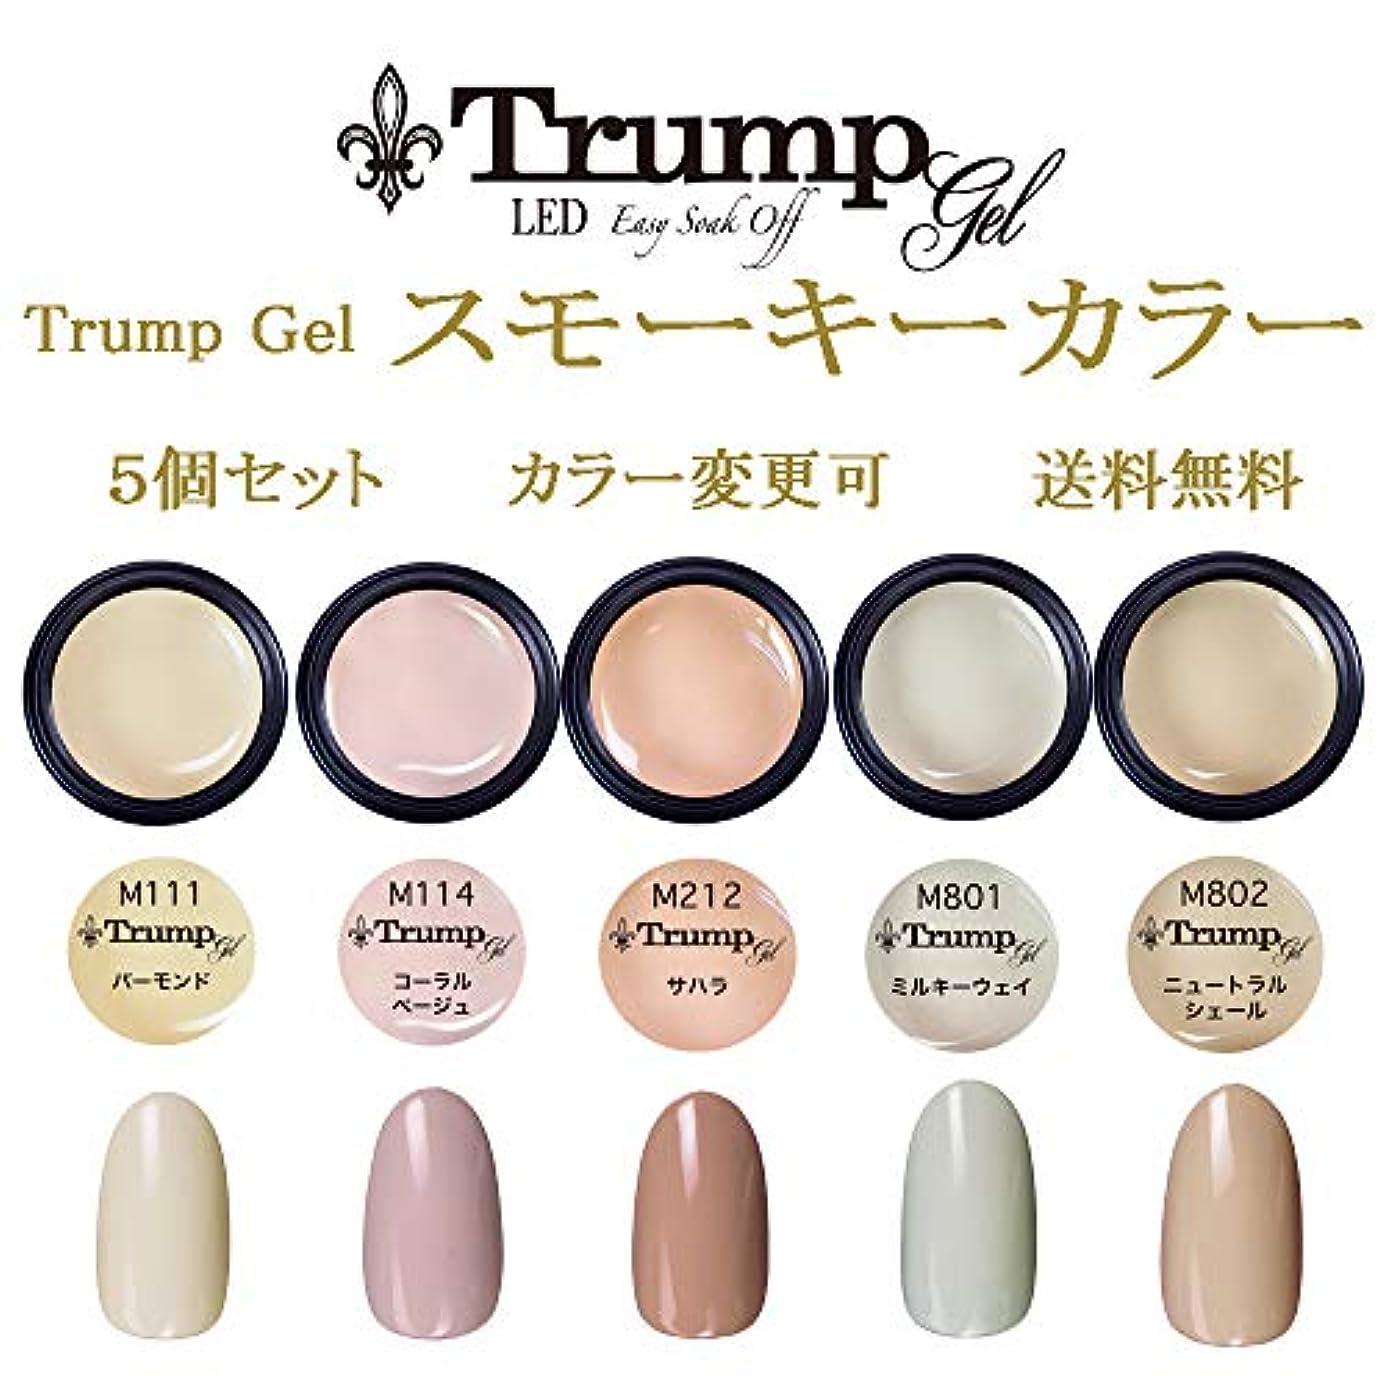 確立不公平マットレス日本製 Trump gel トランプジェル スモーキーカラー 選べる カラージェル 5個セット スモーク ベージュ グレー ブラウン ピンク